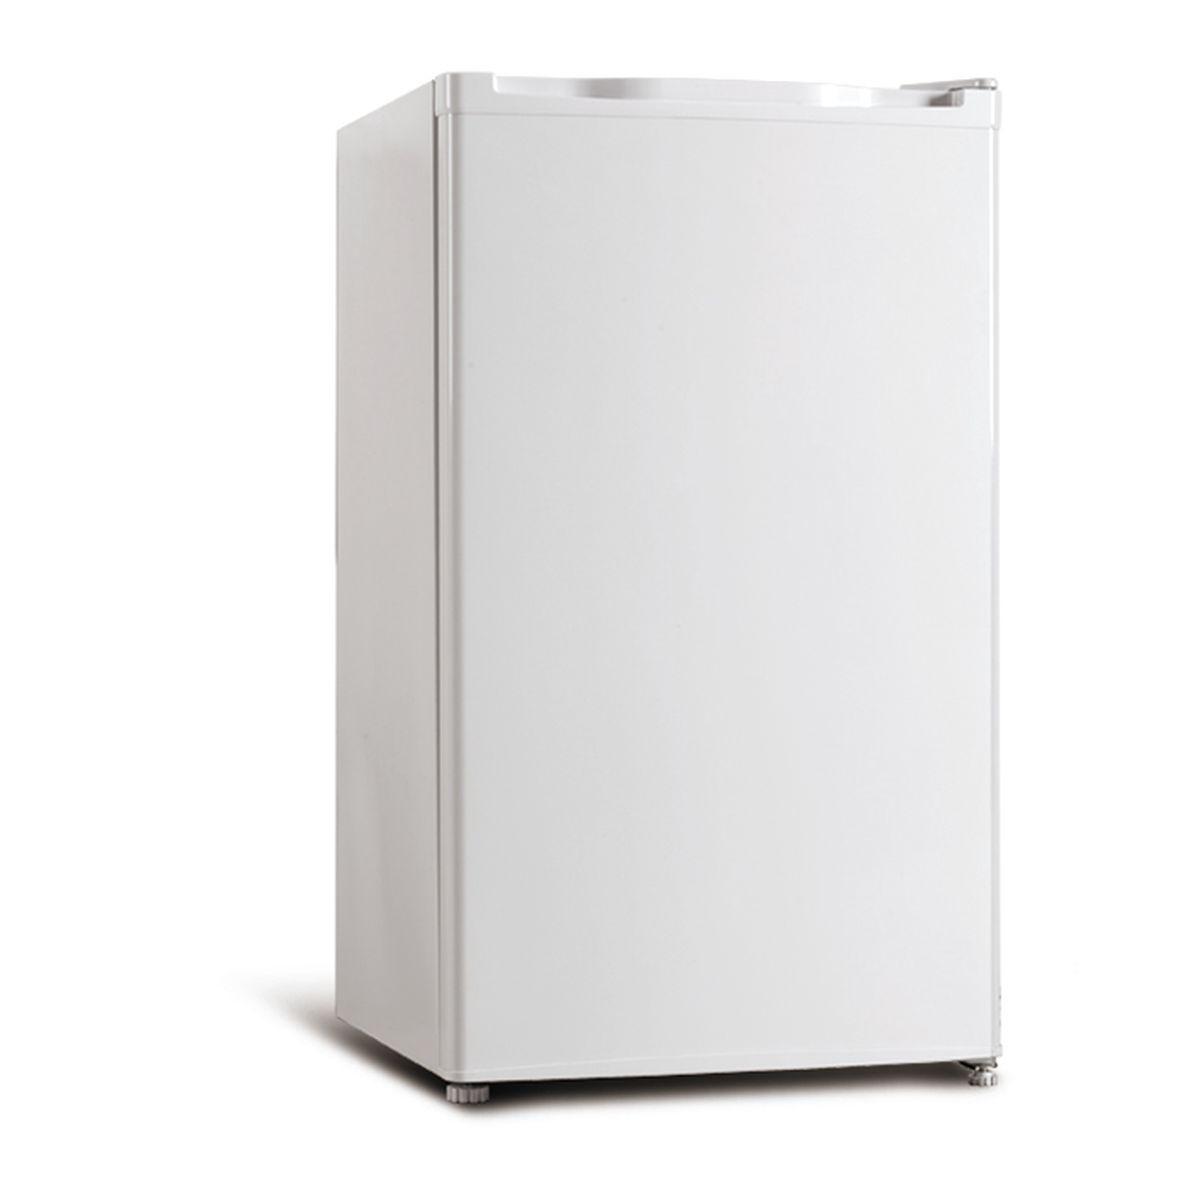 Réfrigérateur table top 154477, 90 L, Froid statique